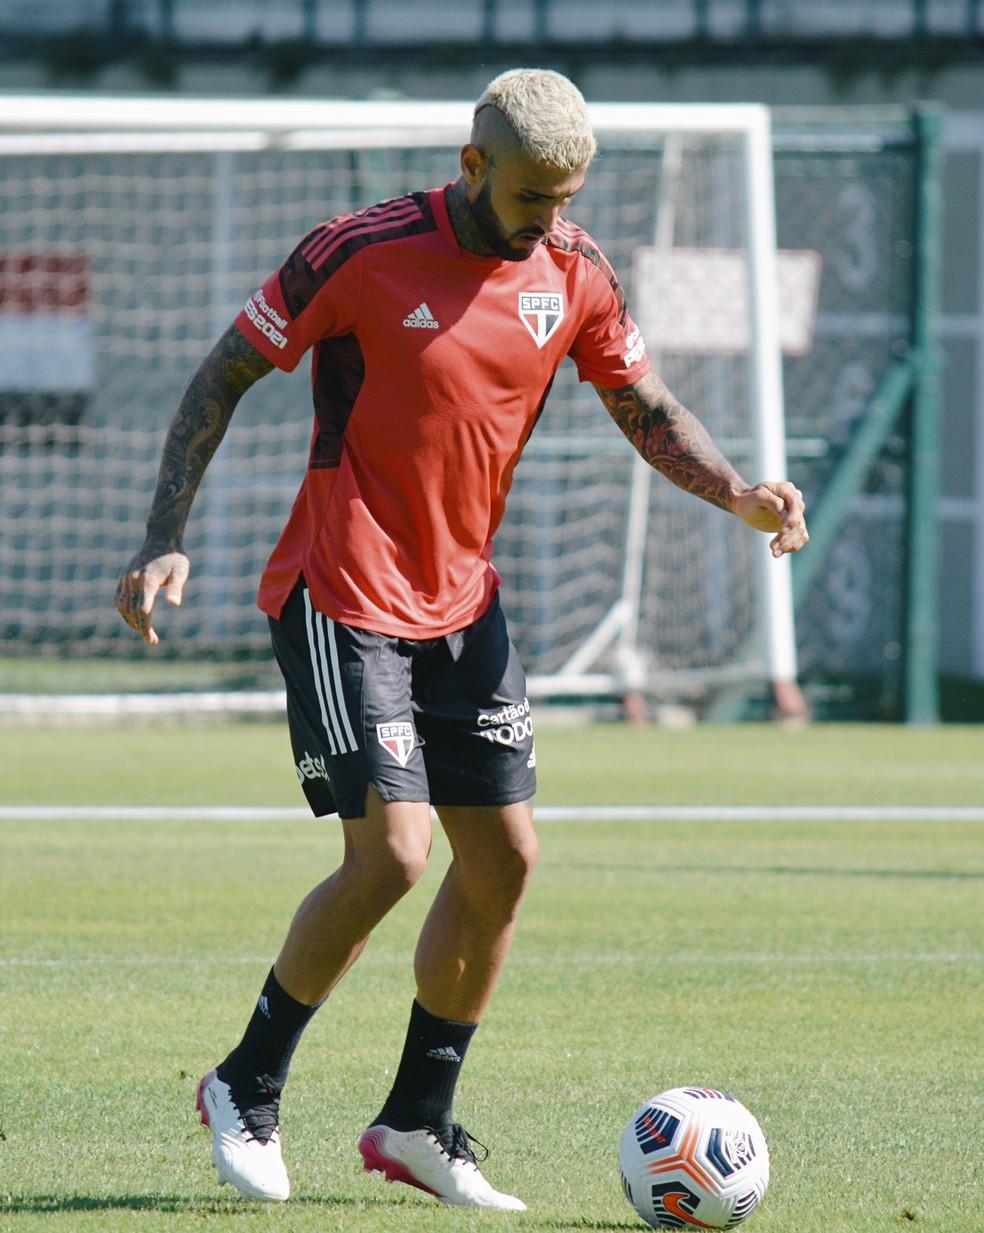 Liziero voltou a treinar no São Paulo após período com a seleção olímpica — Foto: Erico Leonan / saopaulofc